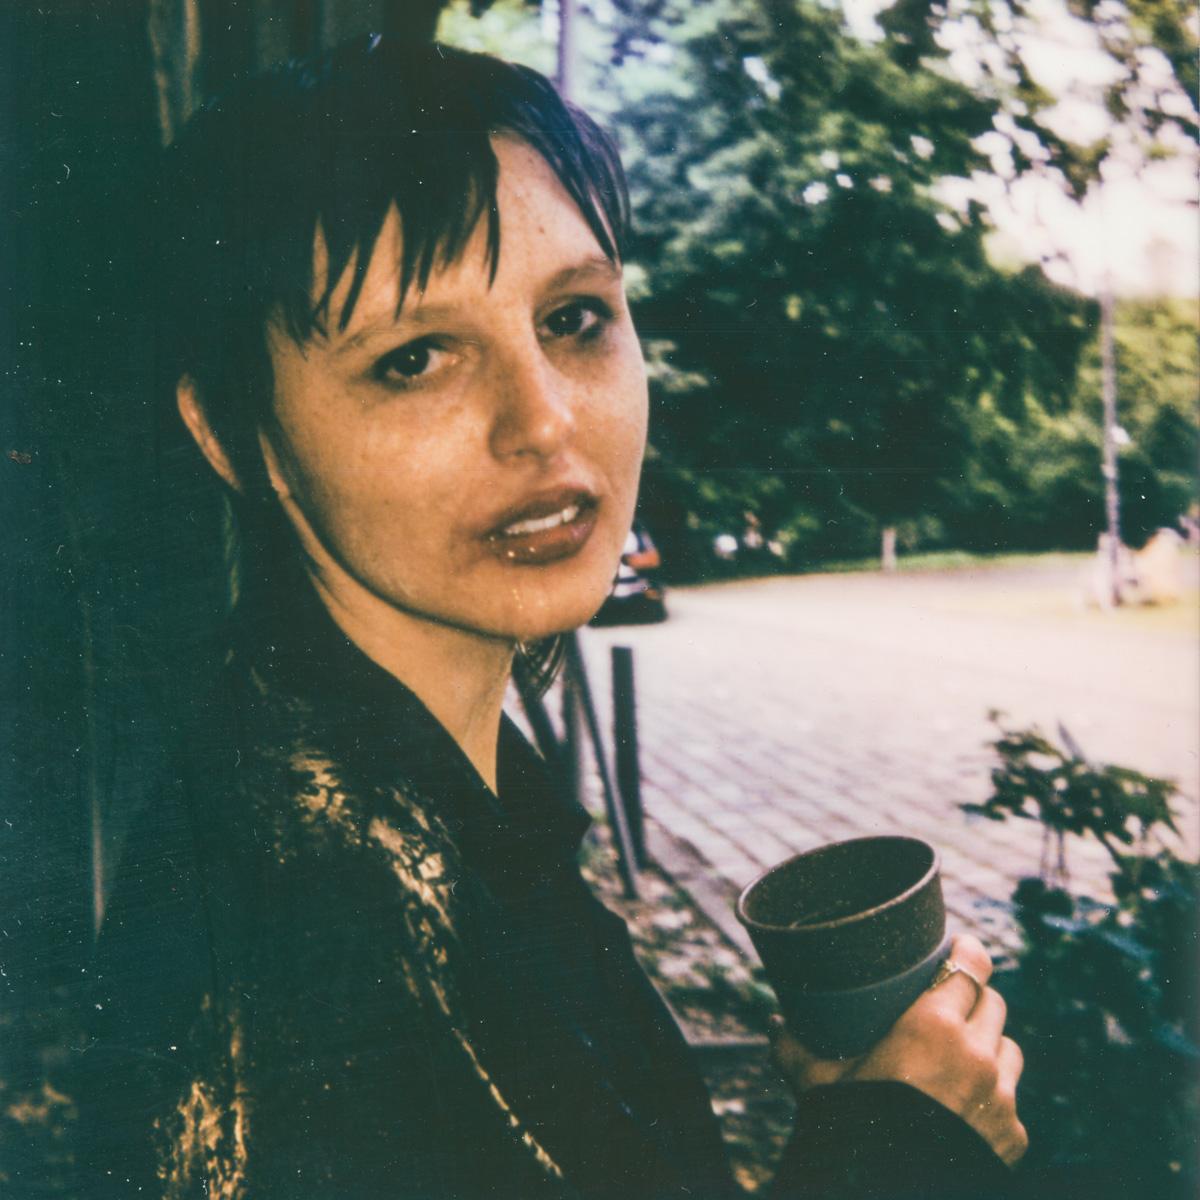 Daria Lik